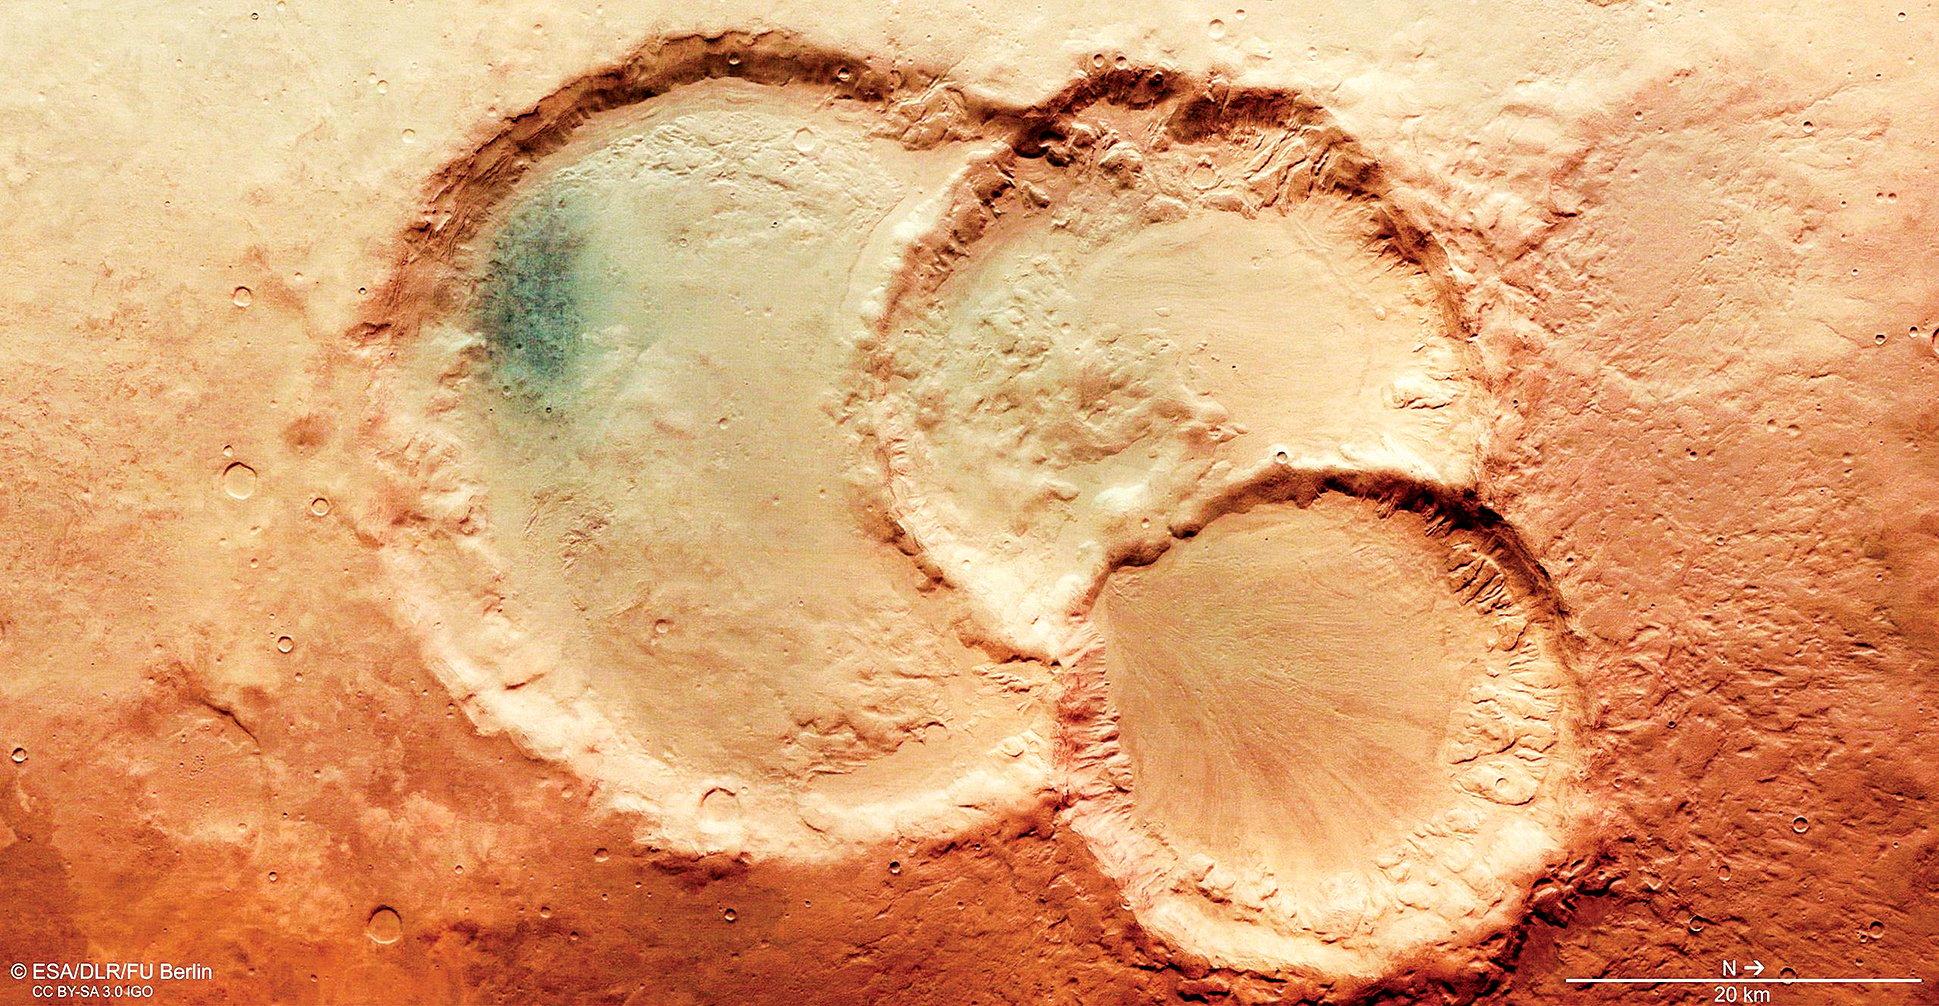 最新的火星照片顯示一個「撞擊坑三胞胎」,其直徑最小的28公里,最大的45公里。(ESA/DLR/FU Berlin)